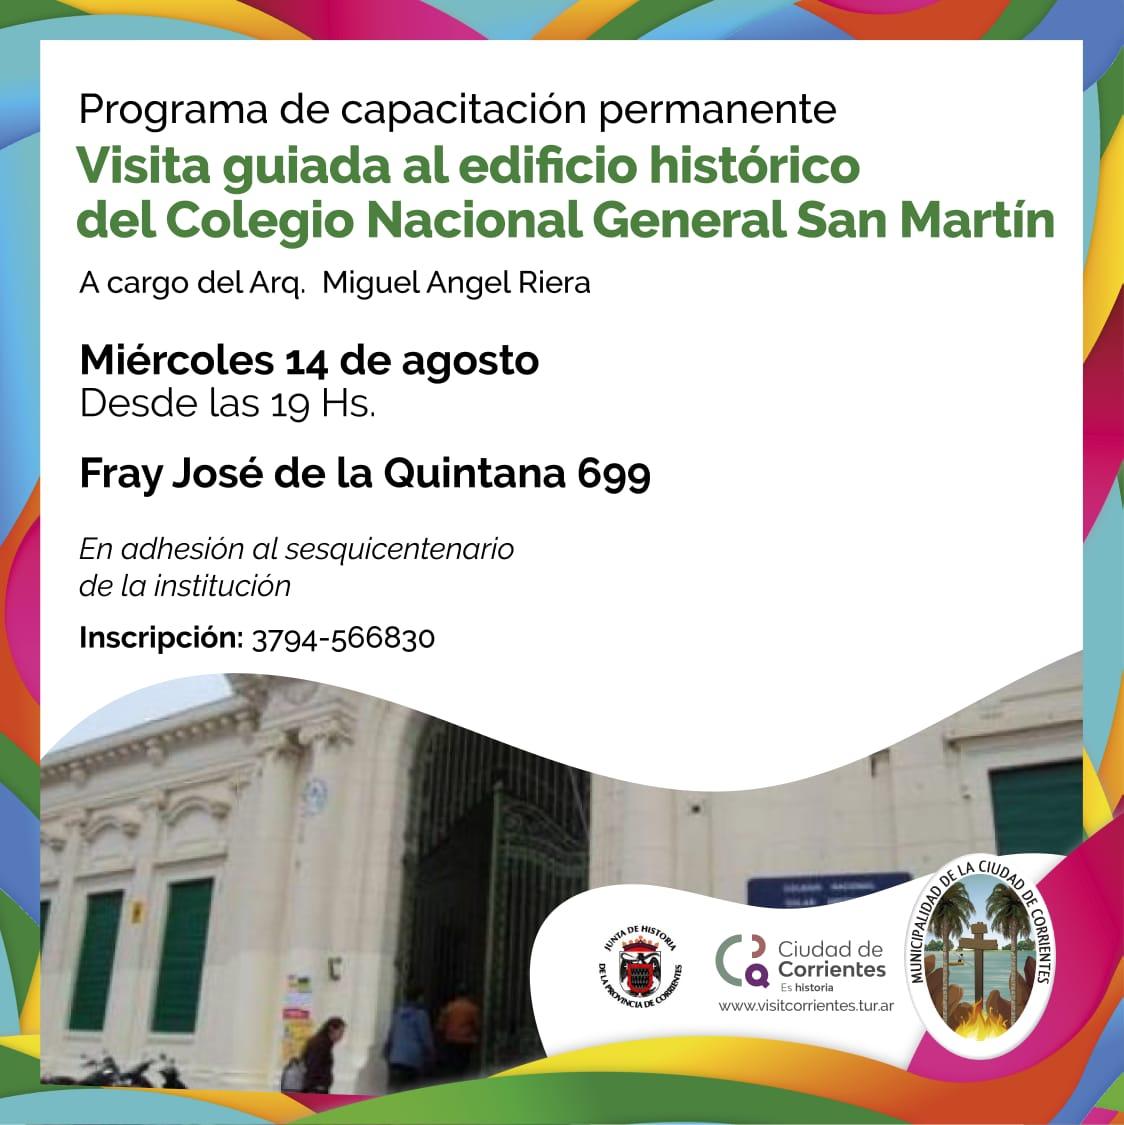 Visita guiada al histórico edificio del Colegio Nacional General San Martín